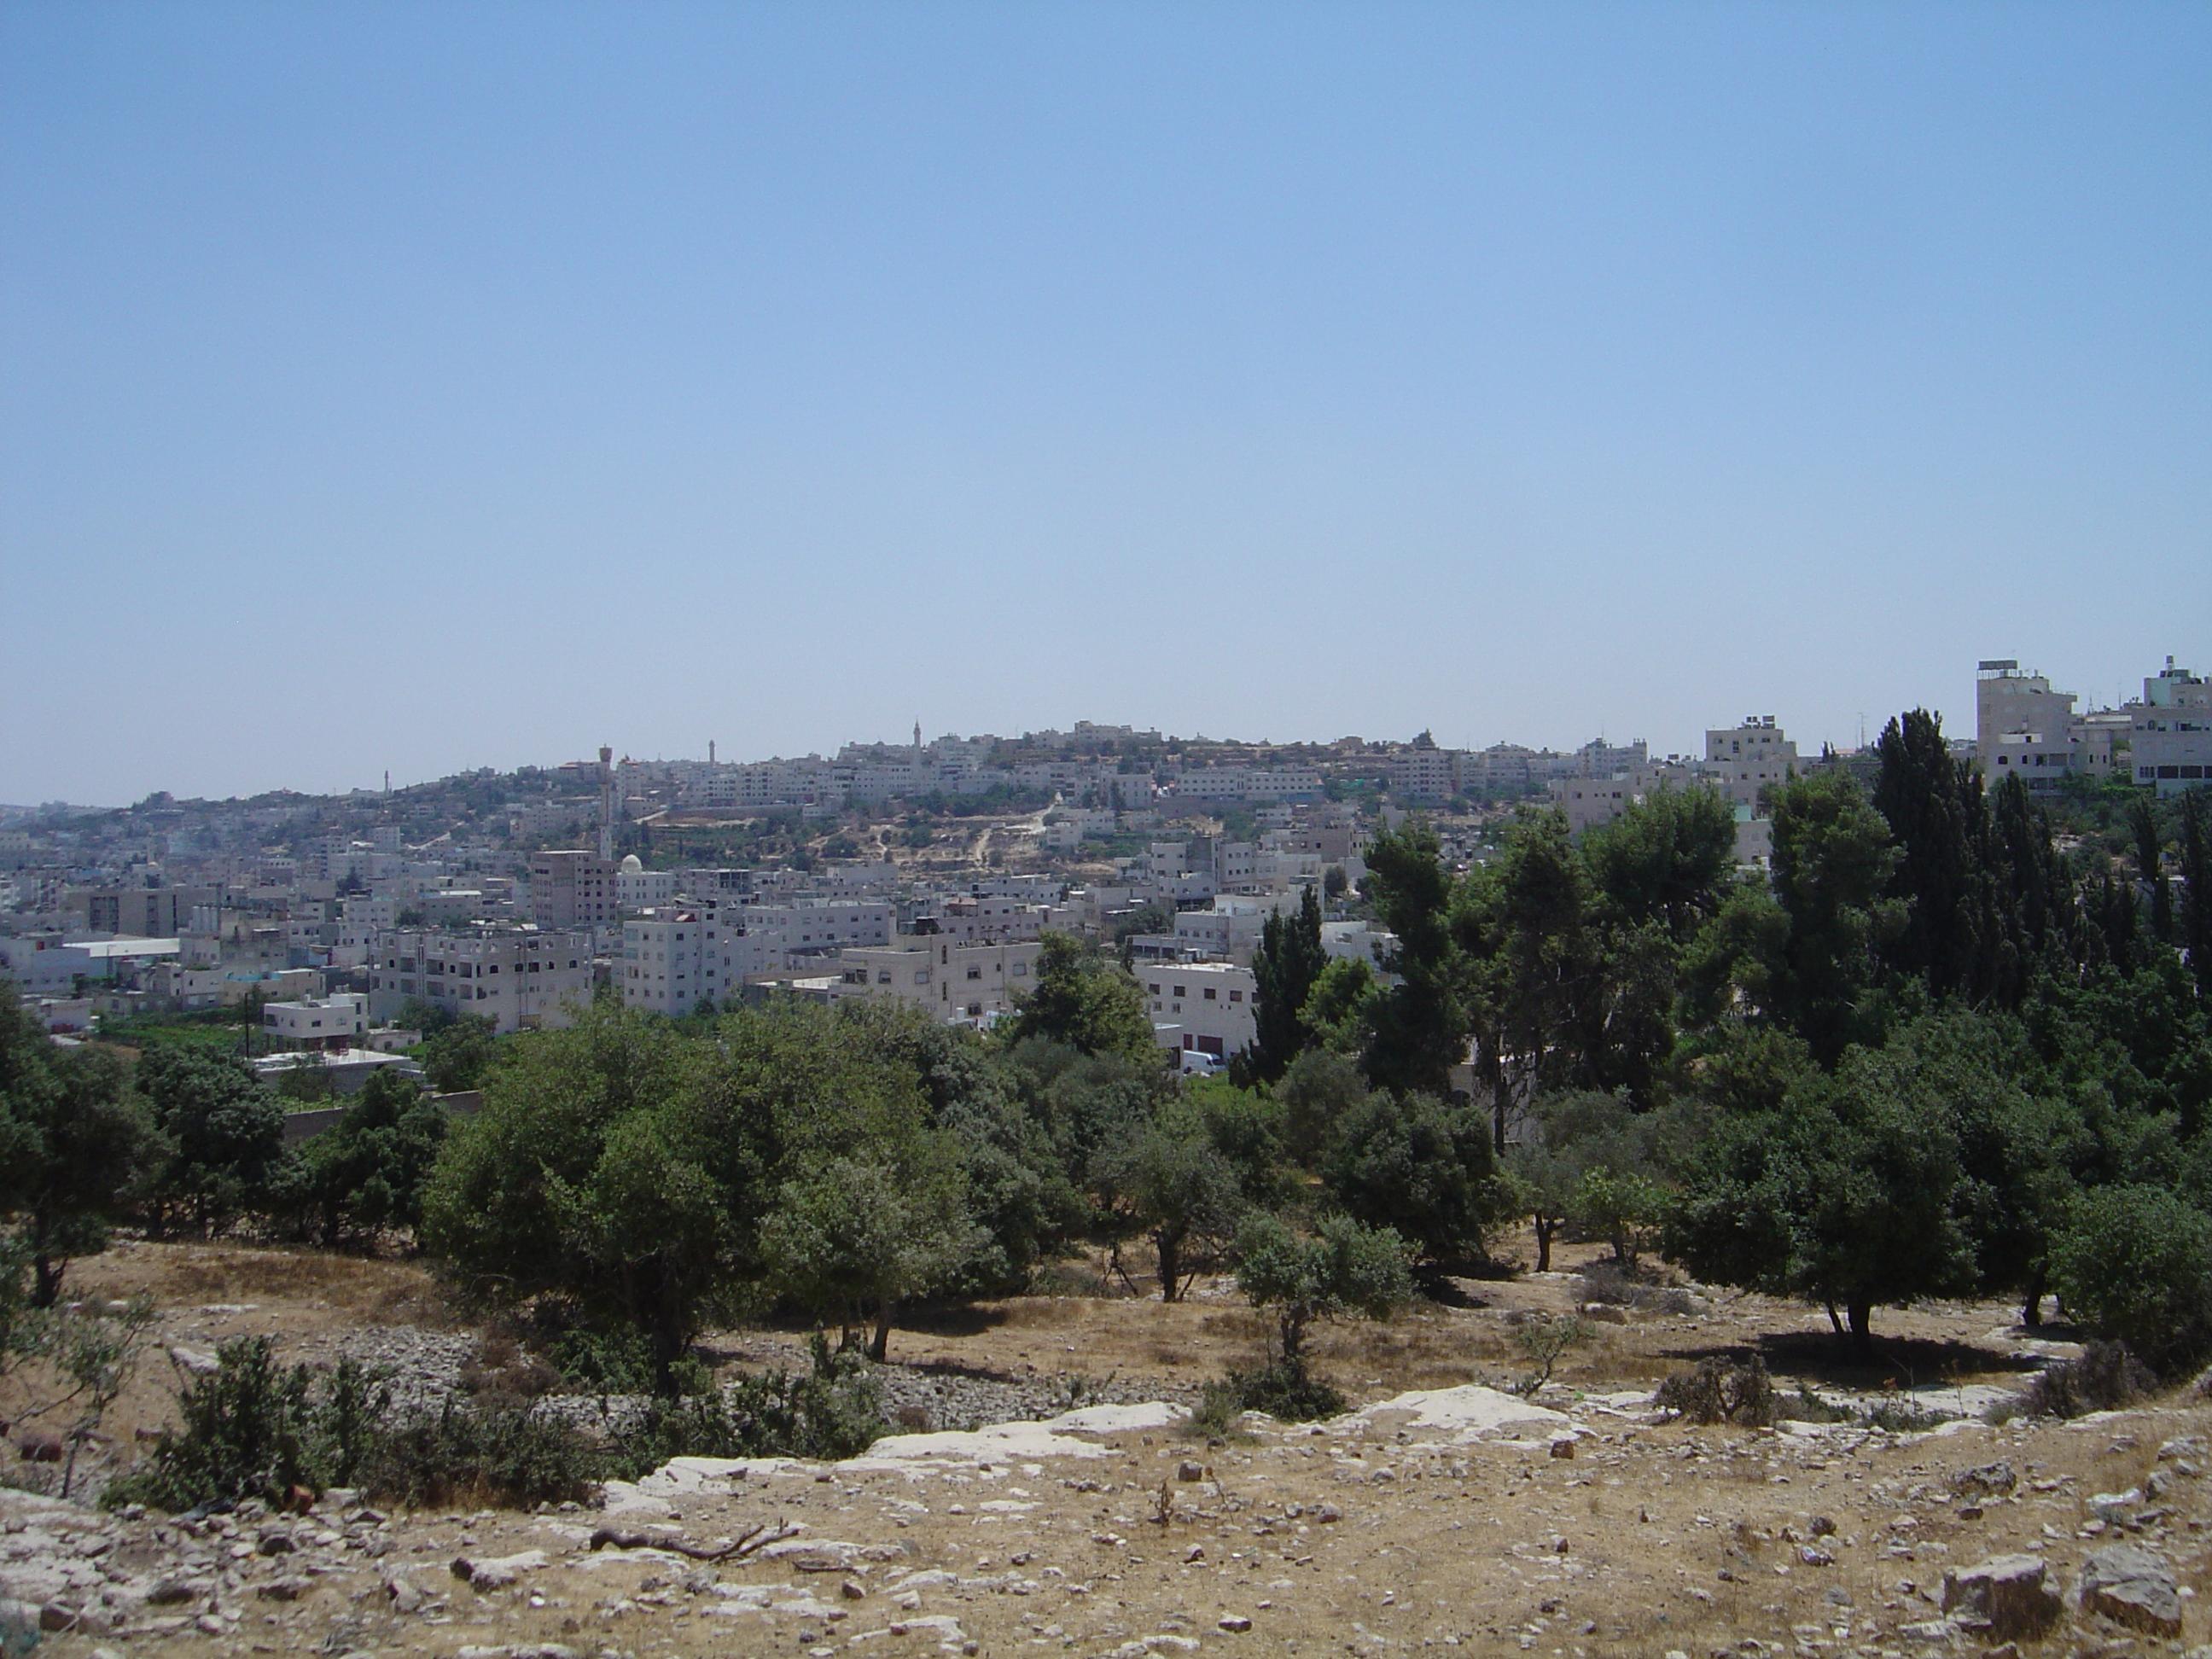 Hebron-الخليل: General View